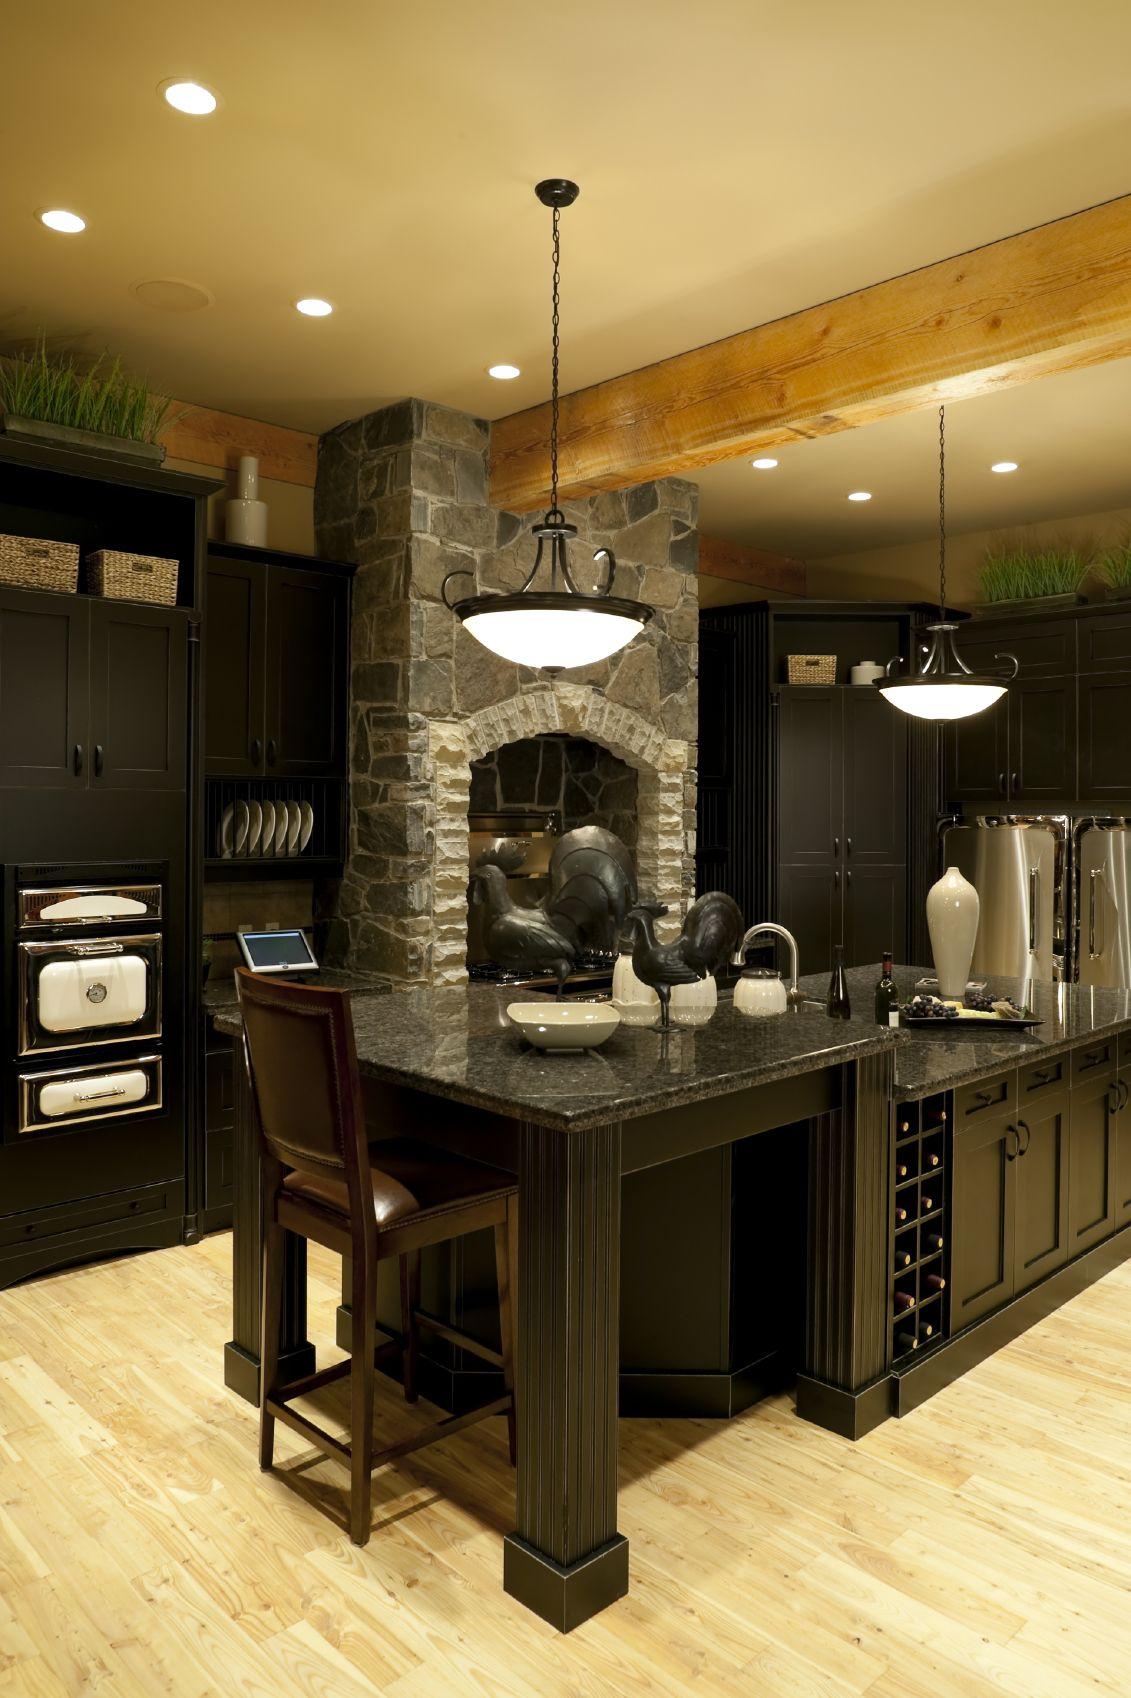 52 Dark Kitchens With Dark Wood Or Black Kitchen Cabinets 2020 Dark Kitchen Dark Kitchen Cabinets Dark Wood Kitchen Cabinets